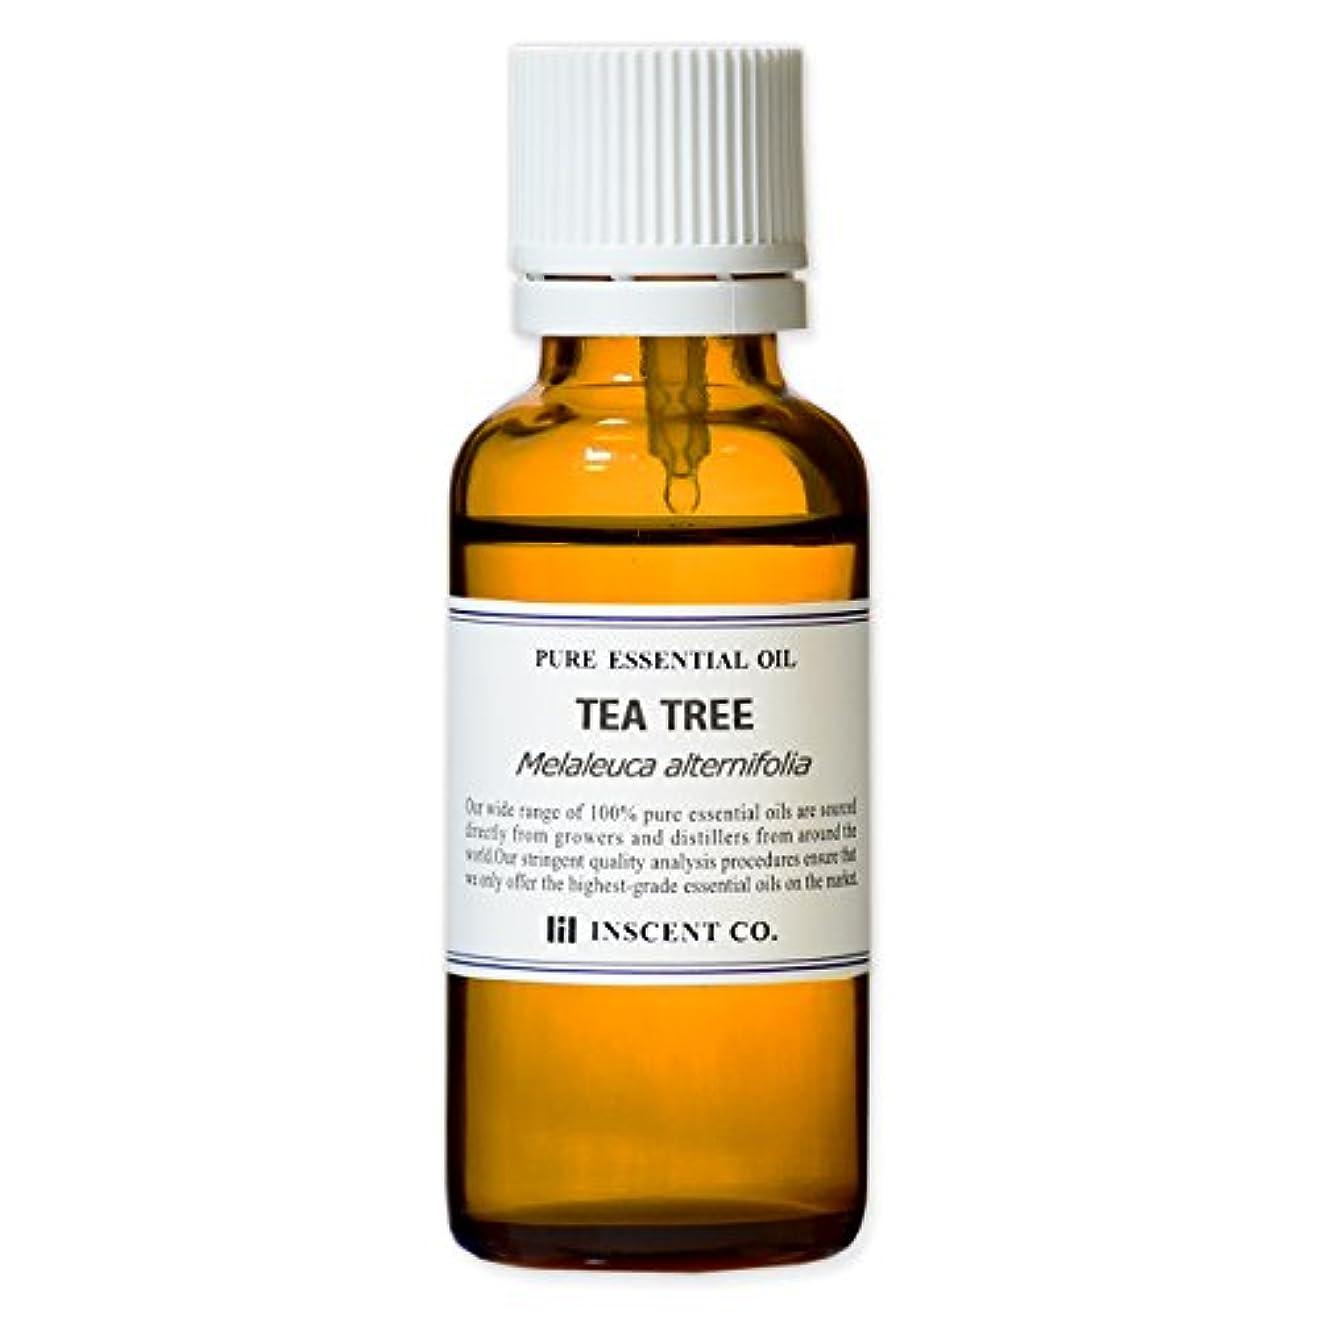 ブラシオピエート思われるティートリー 30ml インセント アロマオイル ティートゥリー AEAJ 表示基準適合認定精油